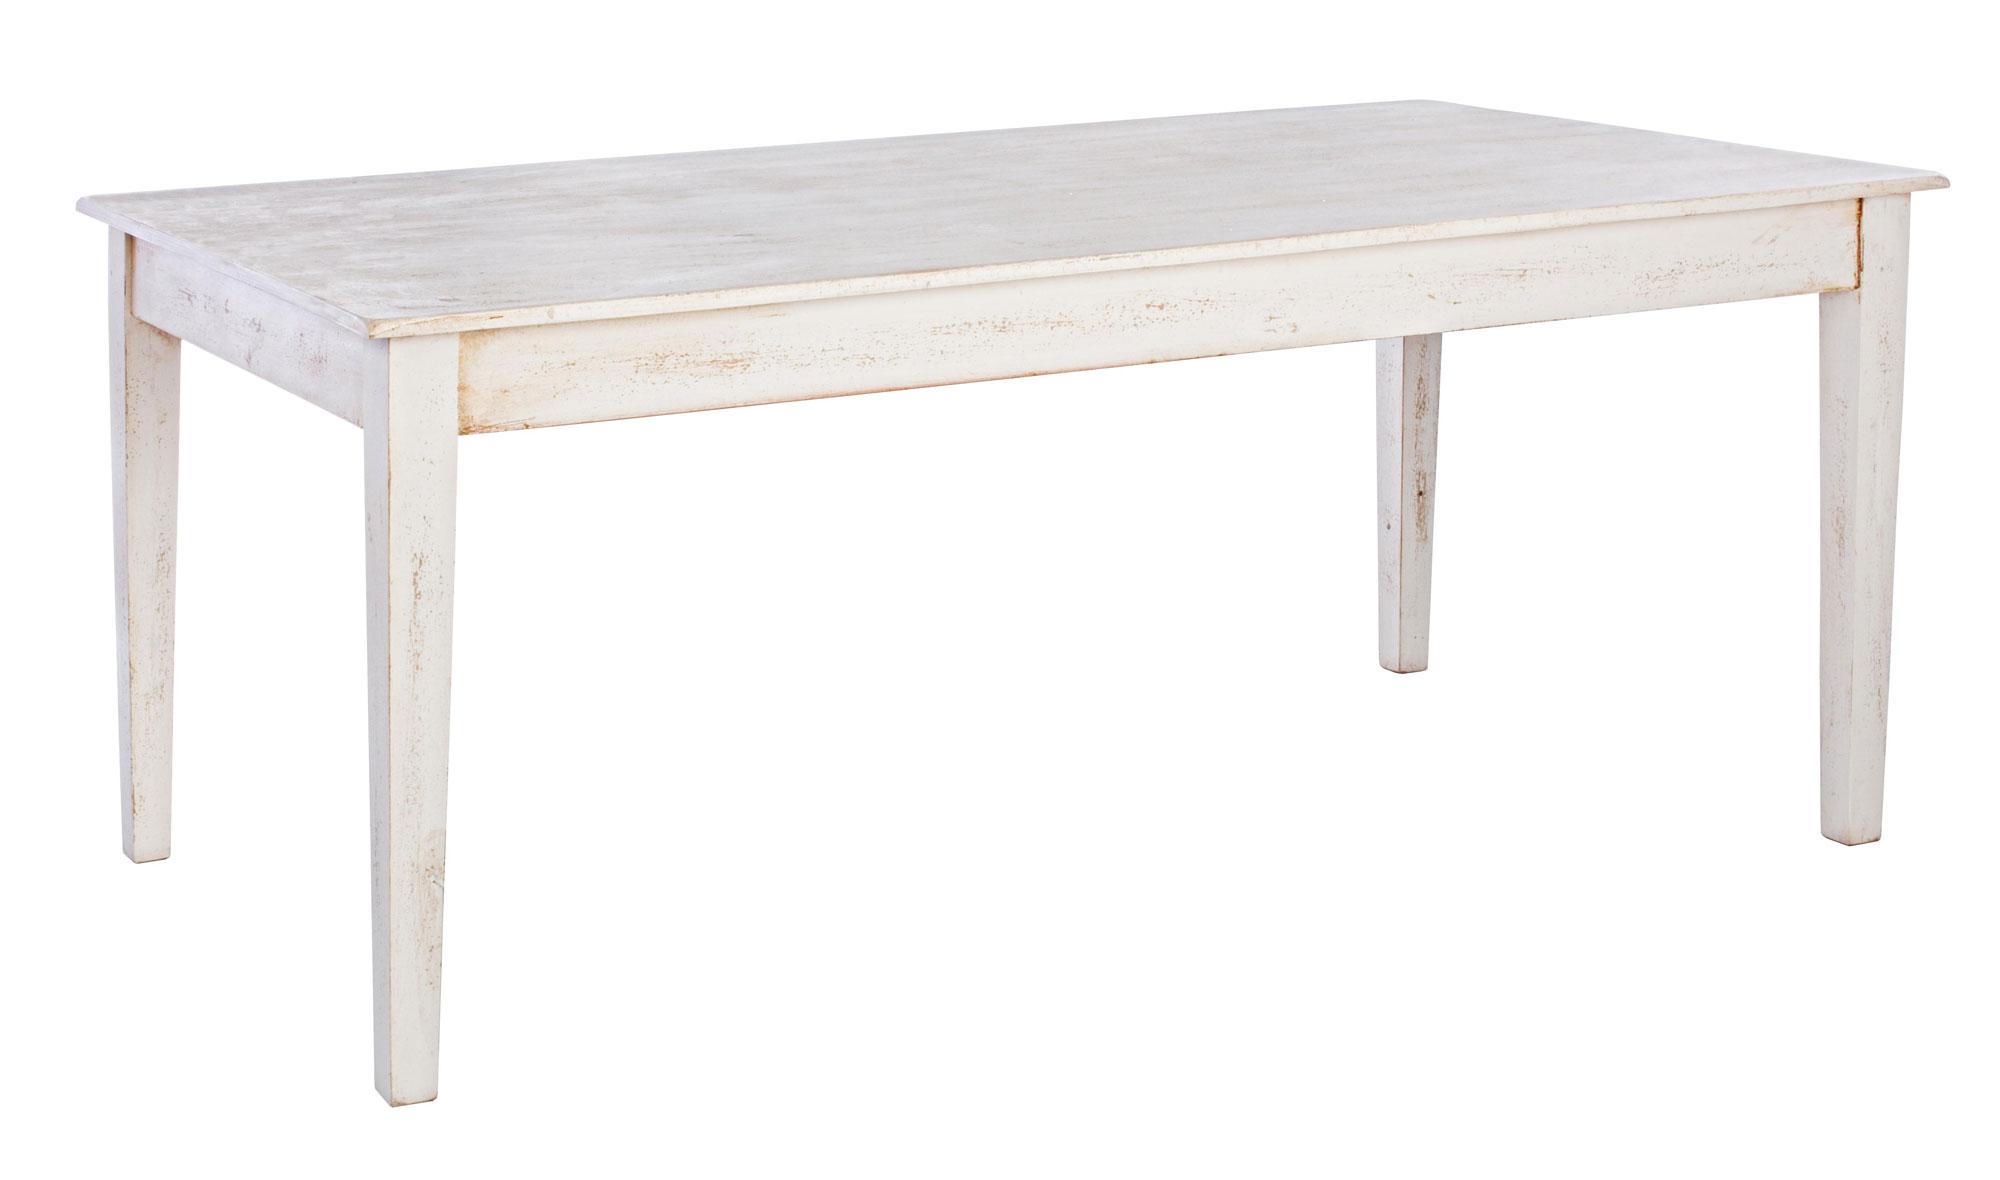 Mesa de comedor blanca vintage alghero no disponible en for Mesas de comedor blancas